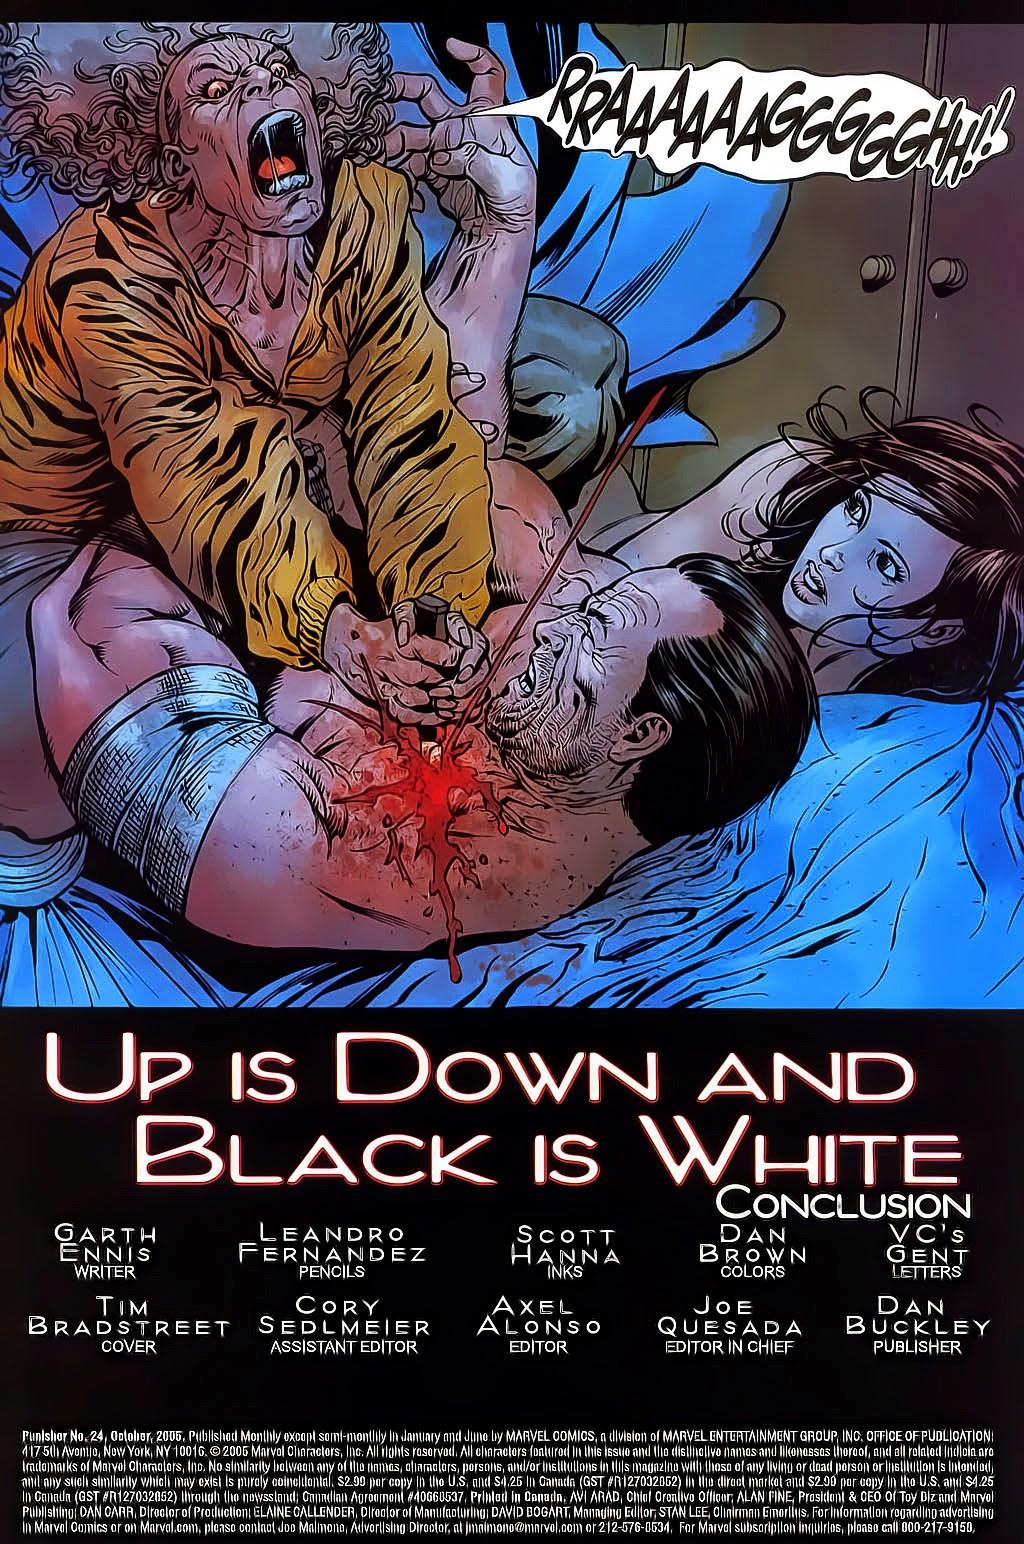 The Punisher: Trên là Dưới & Trắng là Đen chap 6 - Trang 4